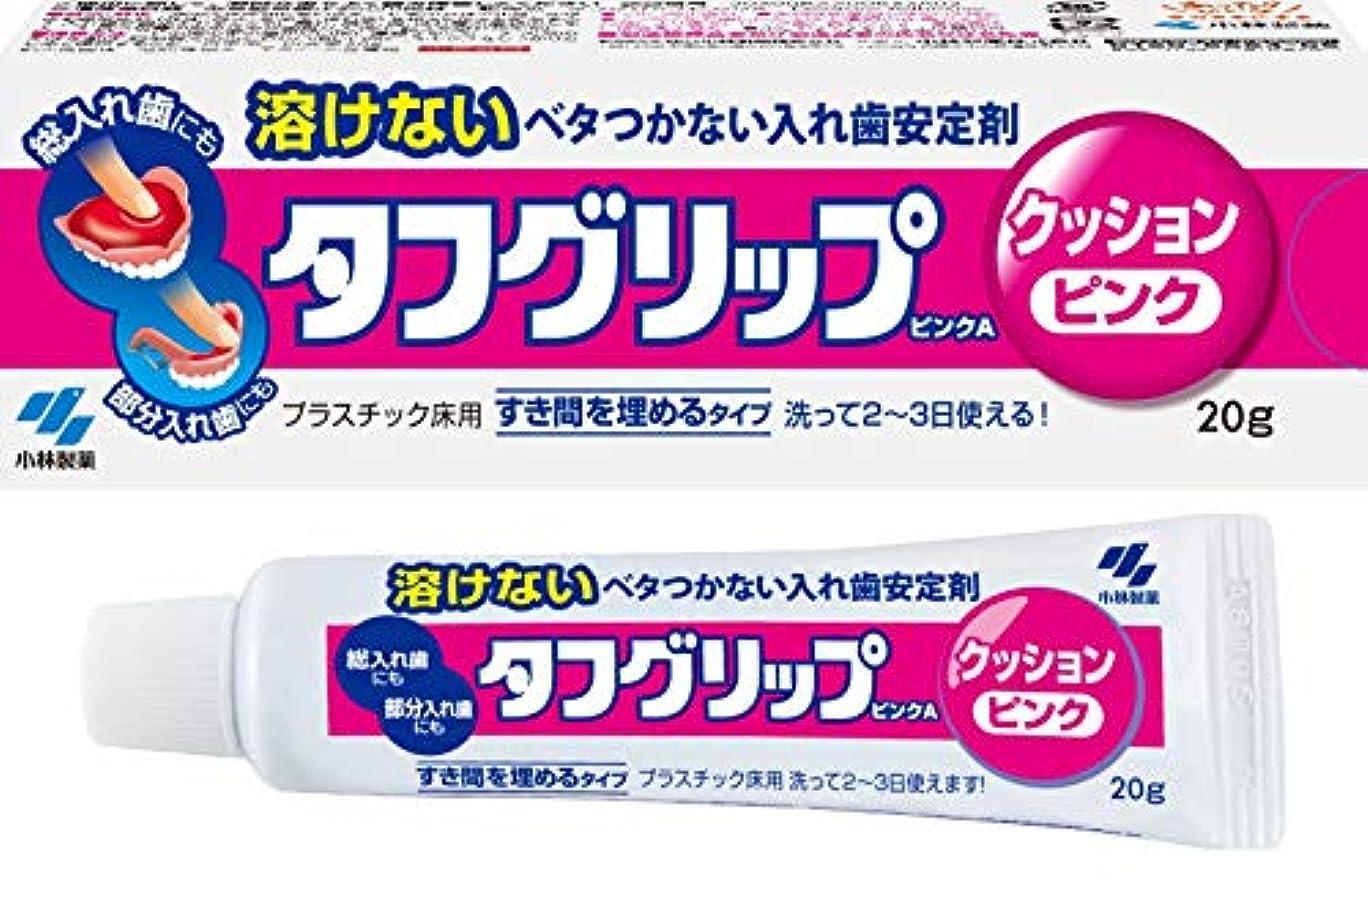 気体のかまど恥タフグリップクッション ピンク 入れ歯安定剤(総入れ歯?部分入れ歯) 20g